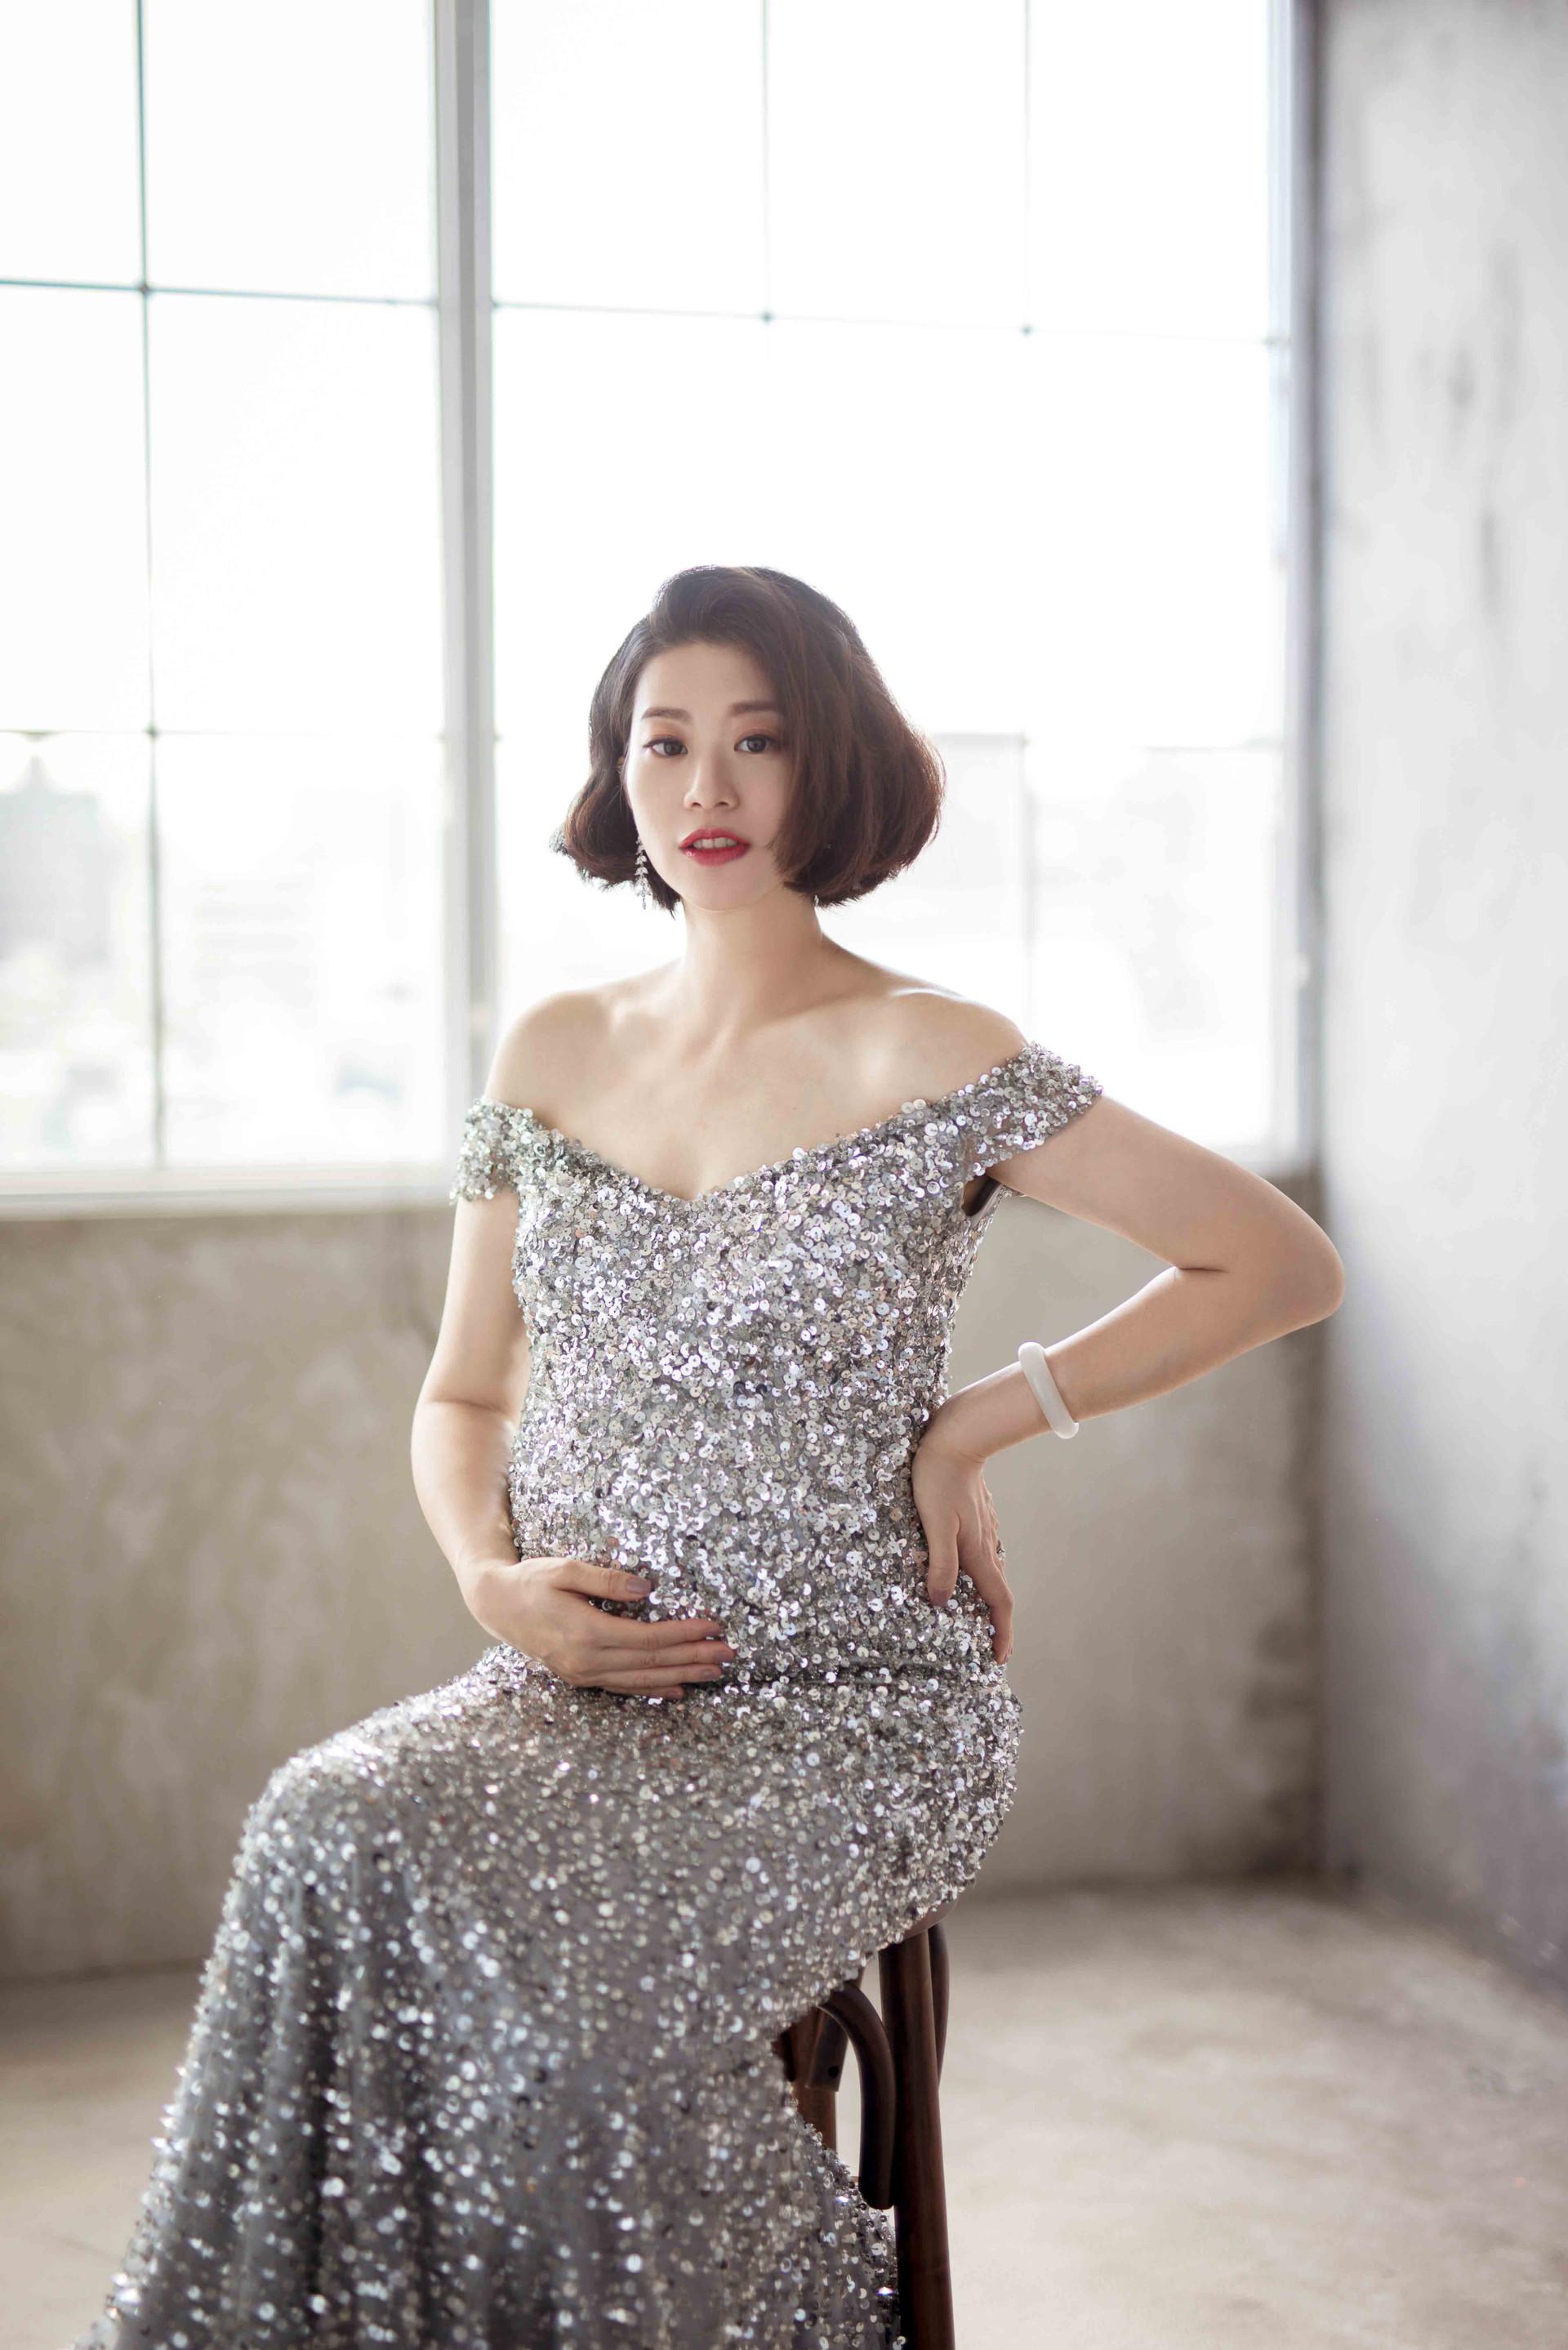 Nikki小閃 29週孕婦寫真